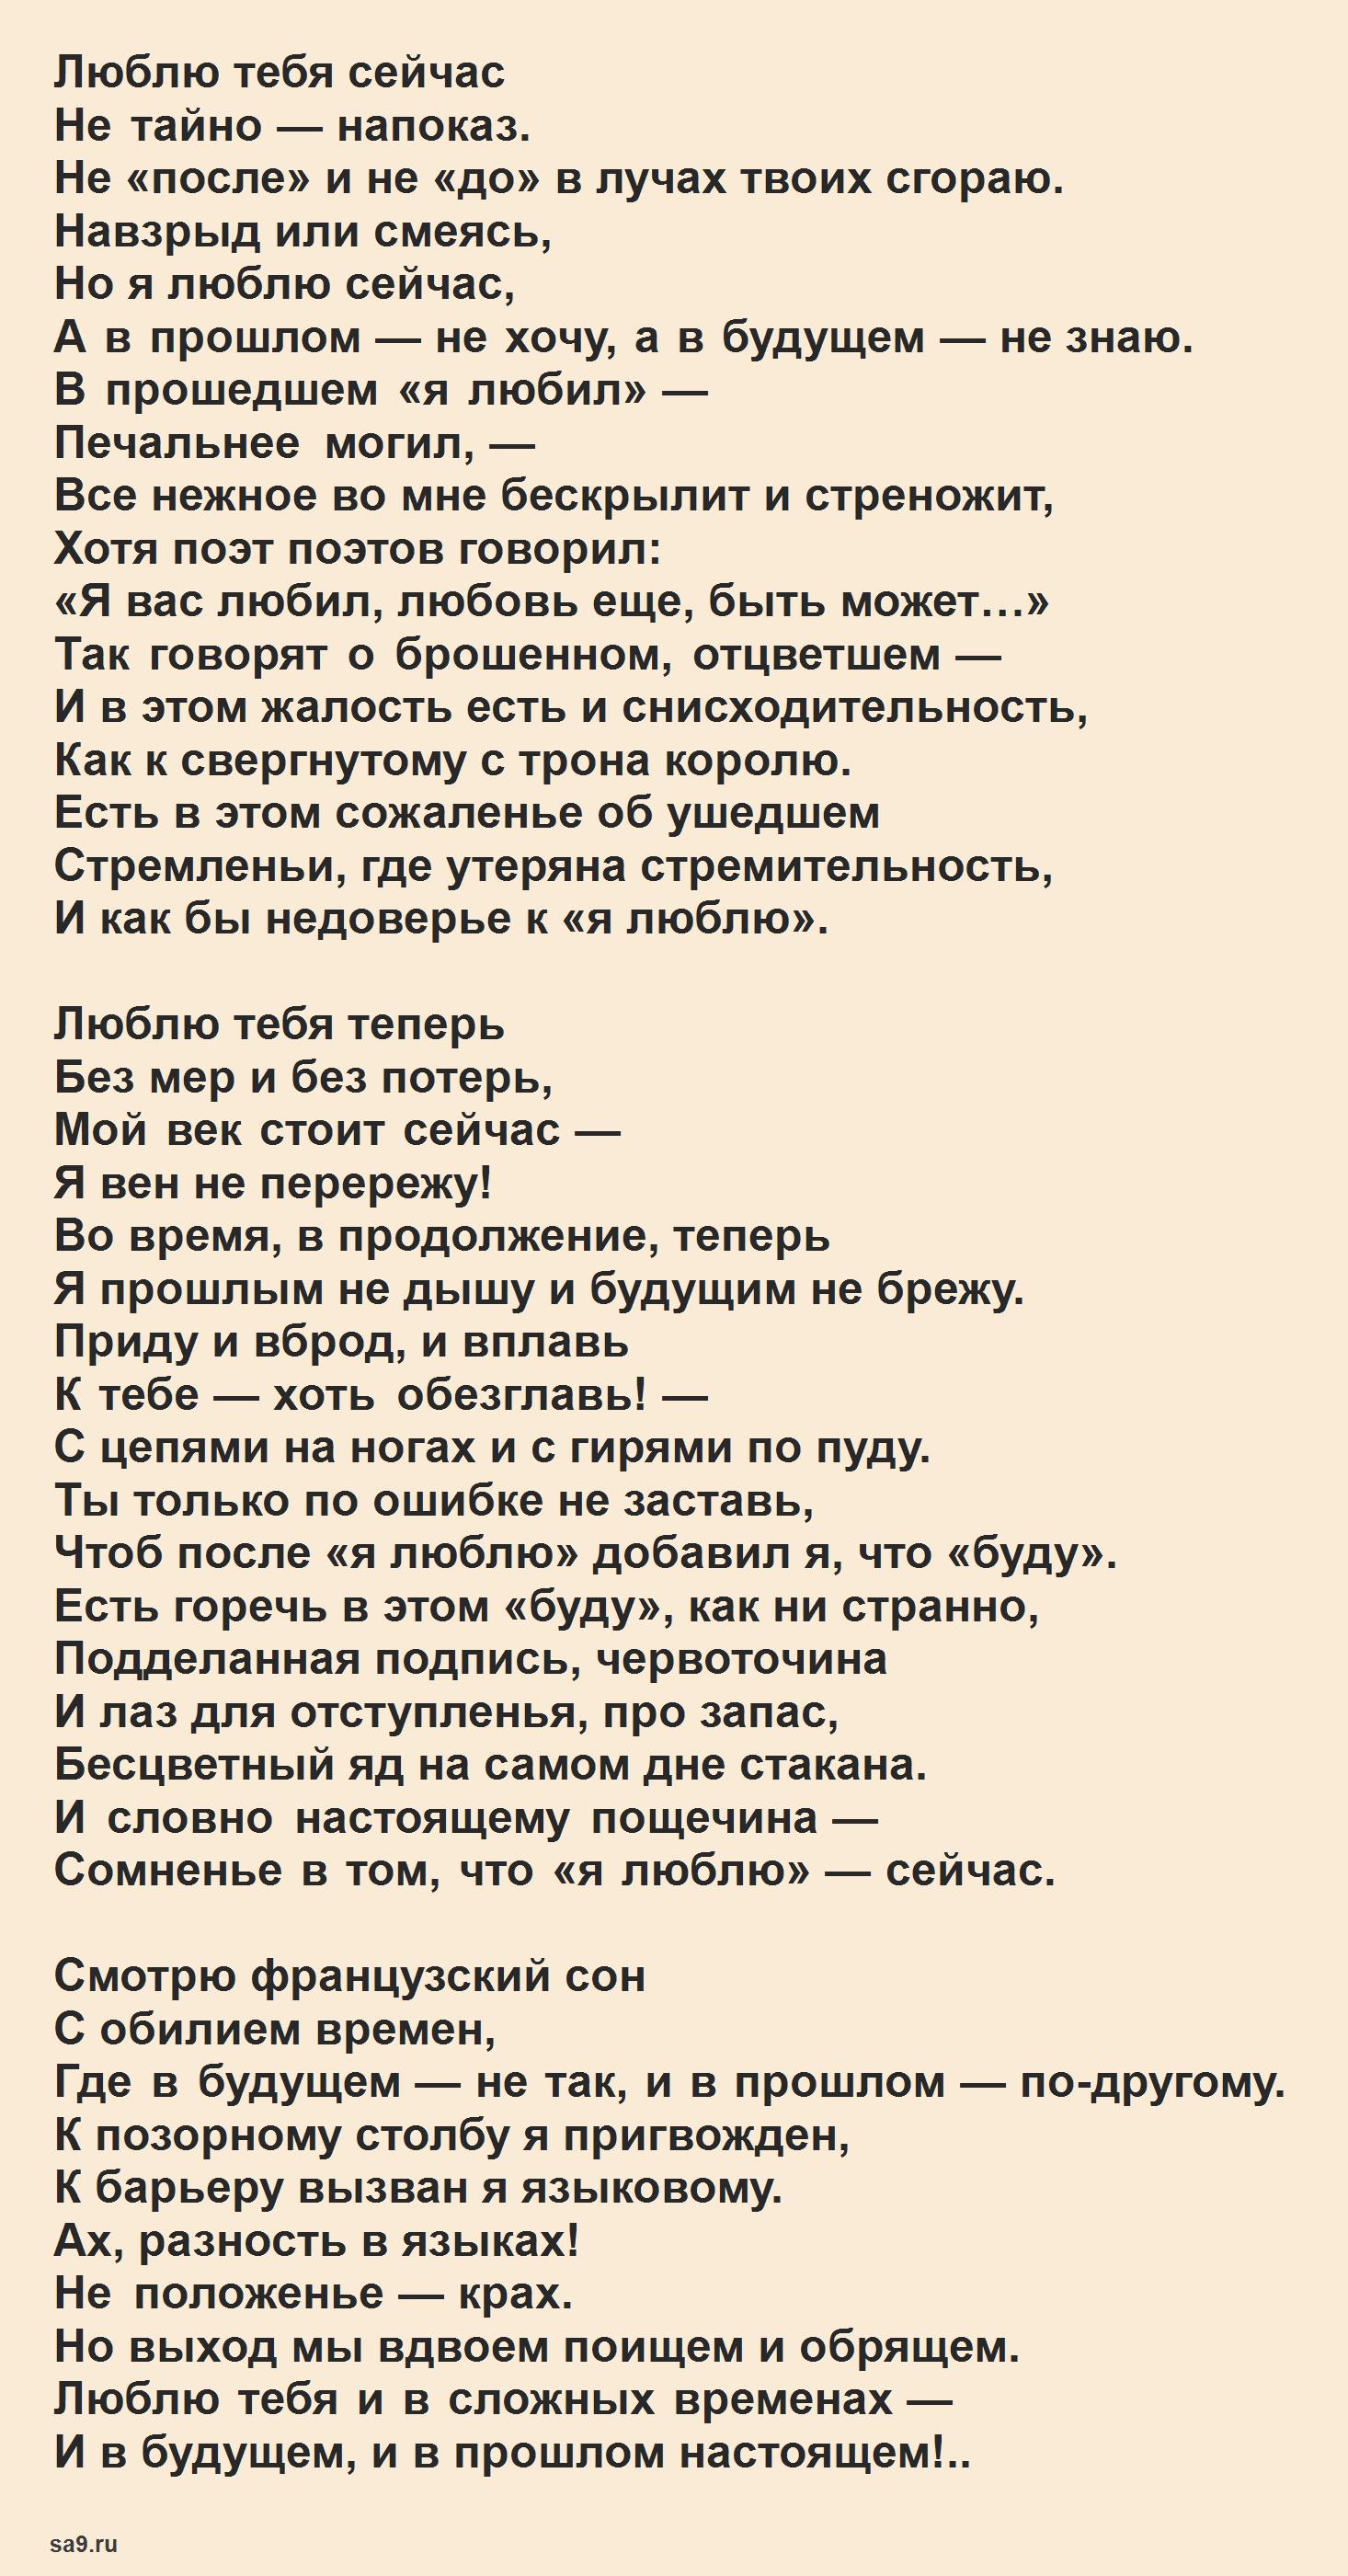 Владимир Высоцкий лучшие стихи о любви - Люблю тебя